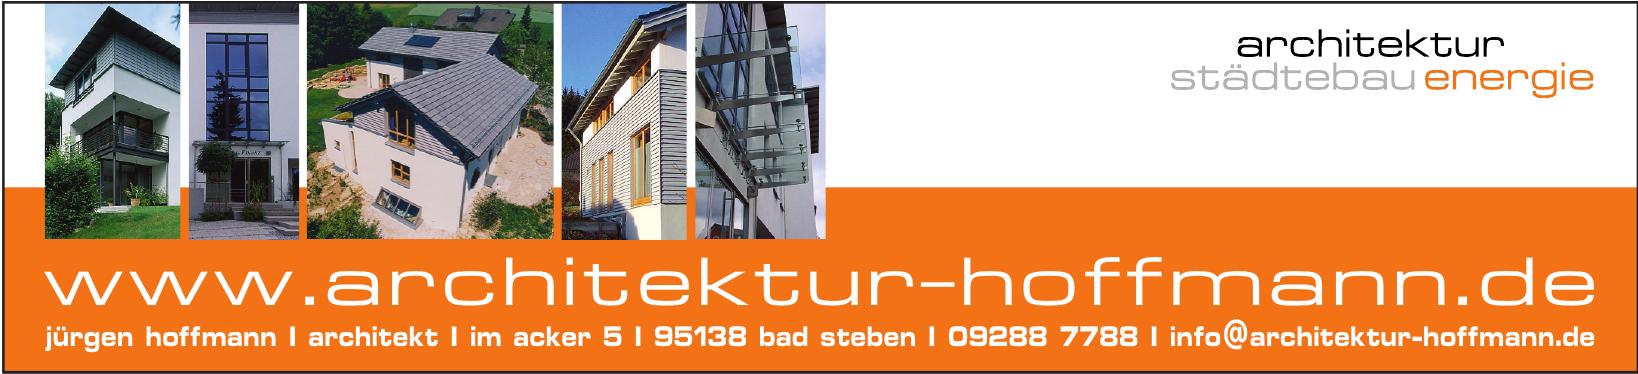 Jürgen Hoffmann - Architekt